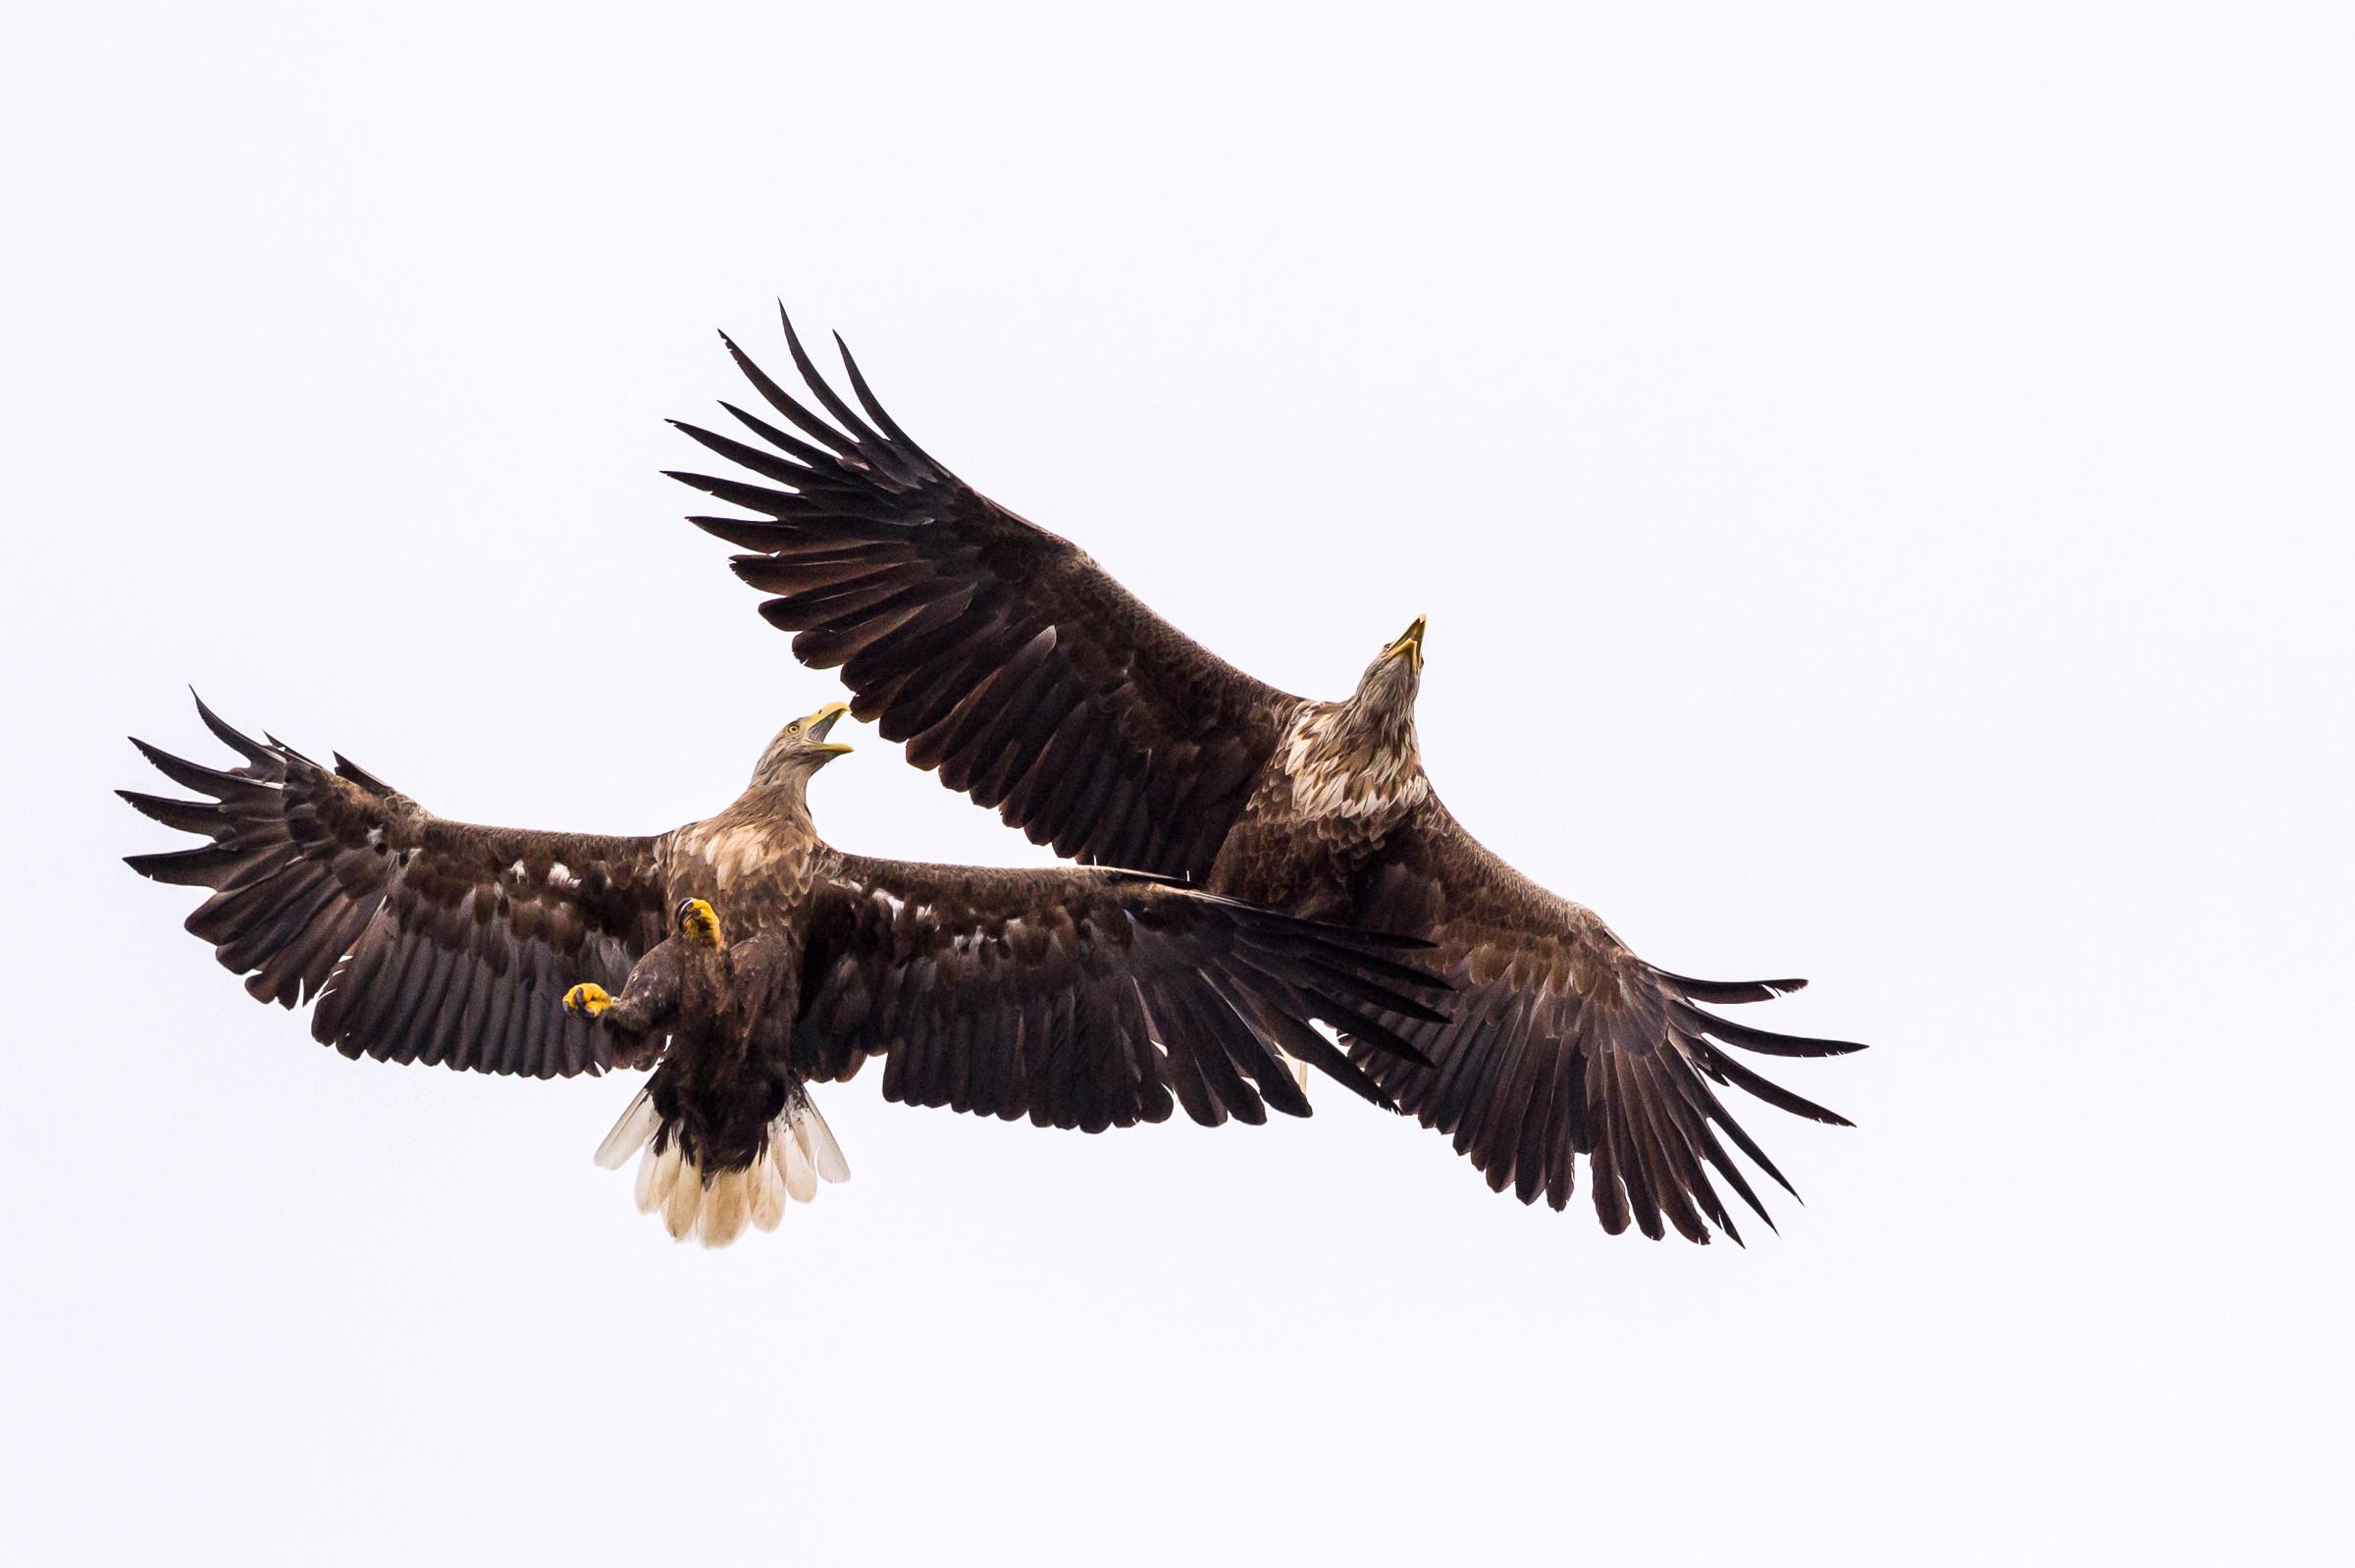 140718Lauvsnes zee arenden14-07-sea eagles-_D4S6449-bewerkt.jpg